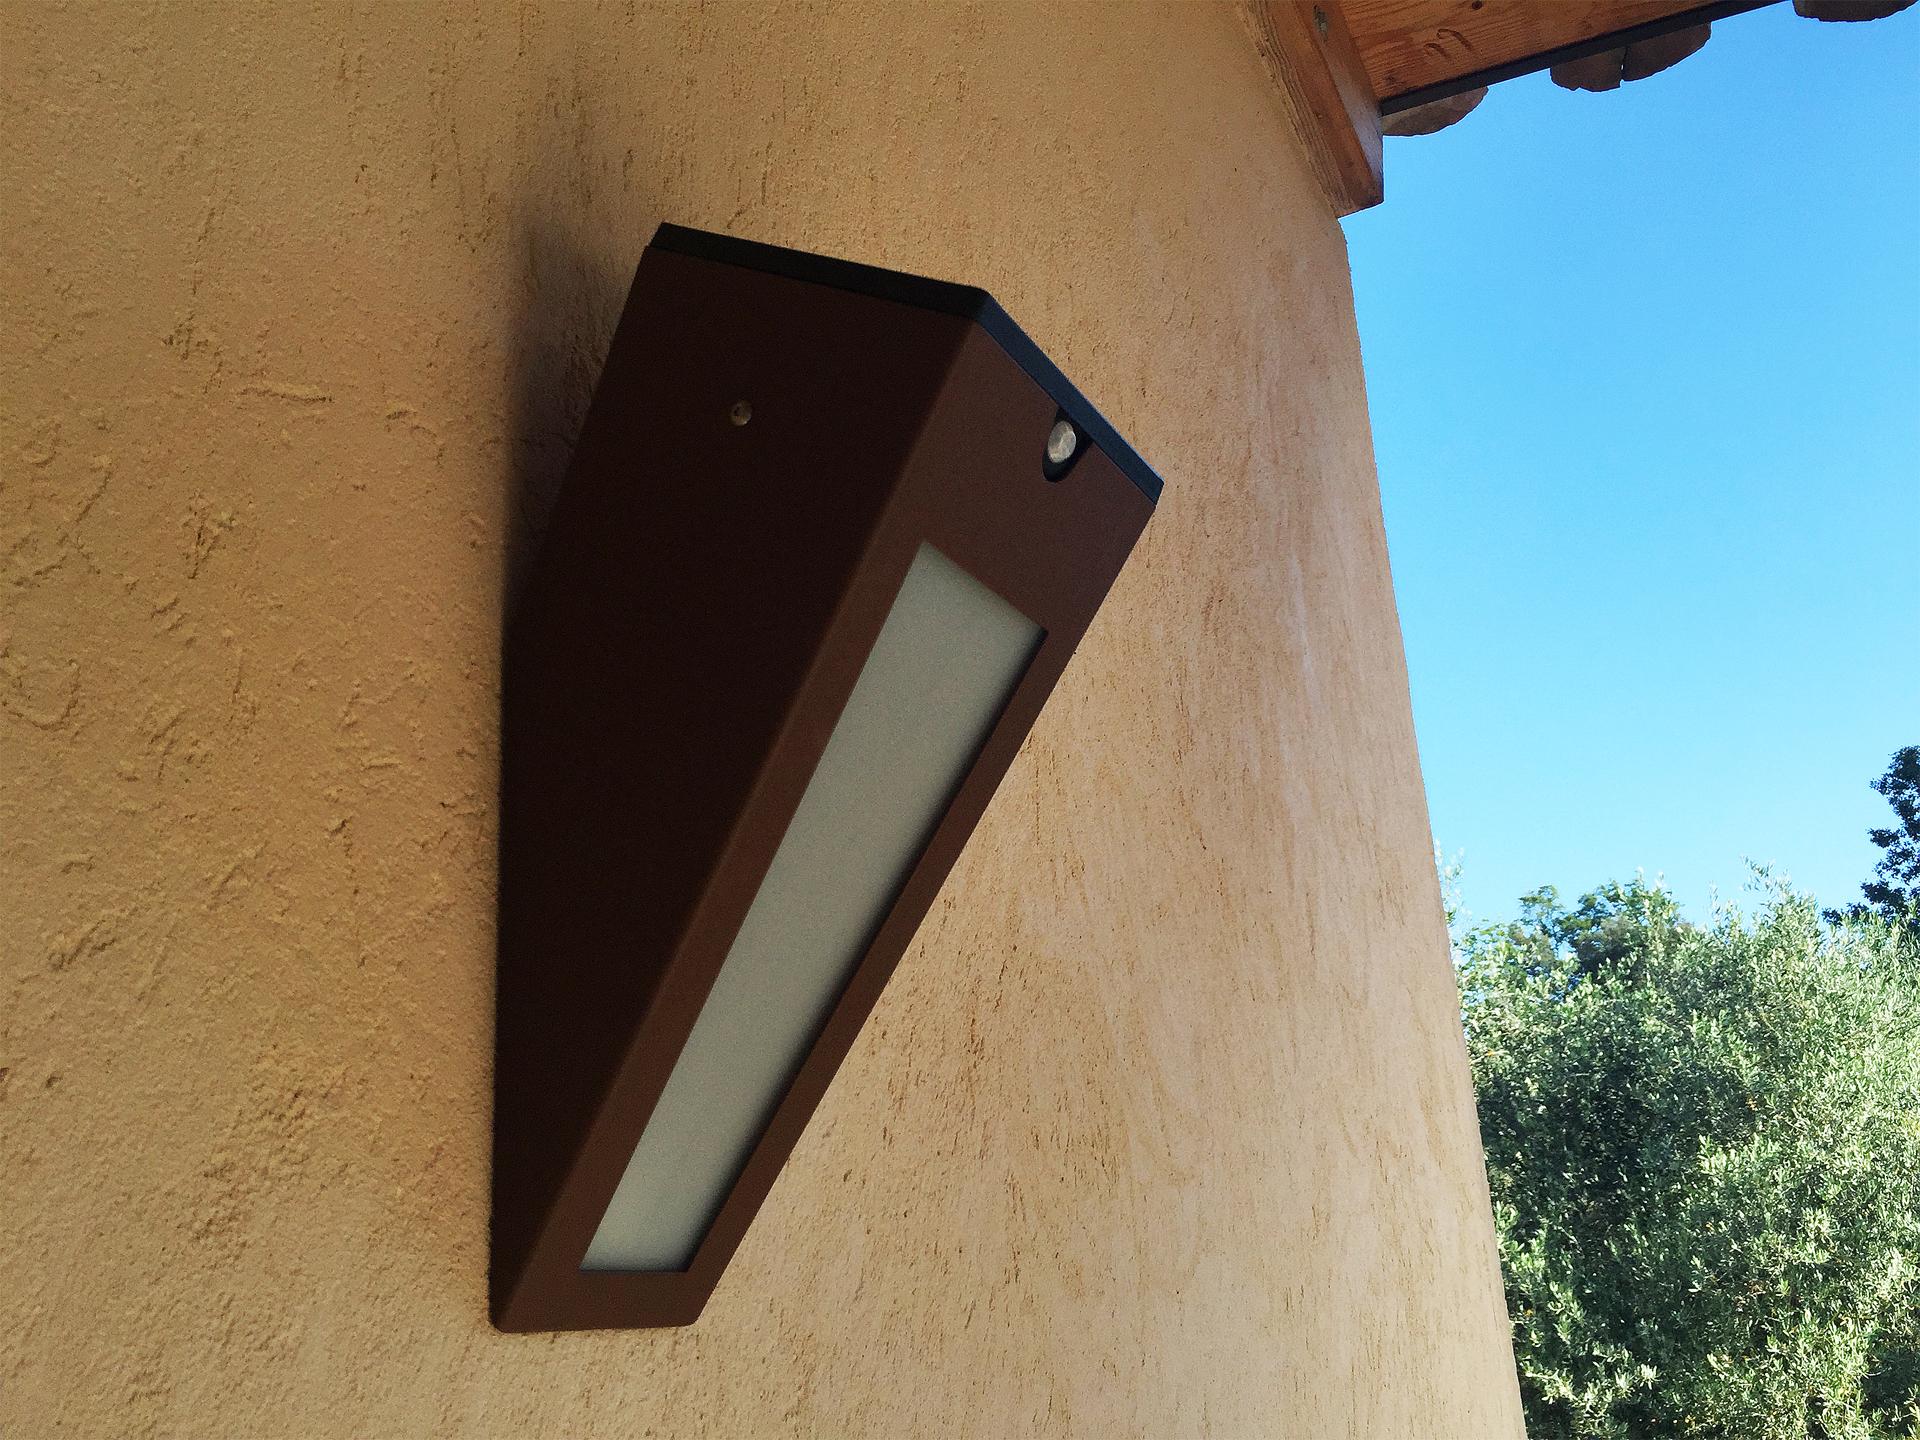 L'applique solaire murale APS 020 LYX Luminaires est fabriquée en acier rouille Corten. Cette applique solaire murale d'extérieur puissante est équipée d'un capteur solaire performant. Cette lampe solaire murale extérieure fait partie avec les appliques murales LED basse consommation LYX Luminaires de la vaste collection d' appliques murales extérieures LYX Luminaires. L'applique murale design APS 020 est idéale pour l'éclairage de piliers, l'éclairage de portail, l'éclairage de façade, l'éclairage d'entrée, l'éclairage de terrasses, l'éclairage de balcons. Une applique solaire murale design pour un éclairage extérieur moderne et un éclairage extérieur puissant. / Lampe extérieure jardin pour un éclairage extérieur design. Version lampe solaire jardin ou lampe jardin LED. Cette lampe de jardin ou lampe terrasse est une lampe de jardin avec détecteur. Fabriquée en acier, la lampe jardin détecteur permet un éclairage solaire ou un éclairage LED puissant selon le modèle choisi. Découvrez la collection de luminaires extérieurs constituée de lampes solaires et lampes LED. Vaste collection d'appliques extérieures / appliques murales : applique murale extérieure solaire, applique murale LED, applique extérieure design. Les appliques extérieures murales sont de fabrication française. Lampe solaire idéale pour l'éclairage de terrasses, de jardin. Lampe solaire terrasse, lampe extérieure terrasse permettant un éclairage performant. La lampe extérieure est équipée d'un détecteur de présence. Le luminaire extérieur doté d'un détecteur de mouvement, éclaire au passage d'une personne d'une voiture. Lampe extérieure détecteur puissante et efficace, au design épuré et moderne. Cette applique extérieure fait partie de la vaste collection d'appliques murales extérieures composée d'appliques murales LED et appliques murales solaires. Lampe murale LED fabriquée en acier comme toutes nos lampes murales (lampe murale LED et lampe solaire murale). Cette lampe murale extérieure diffuse un 